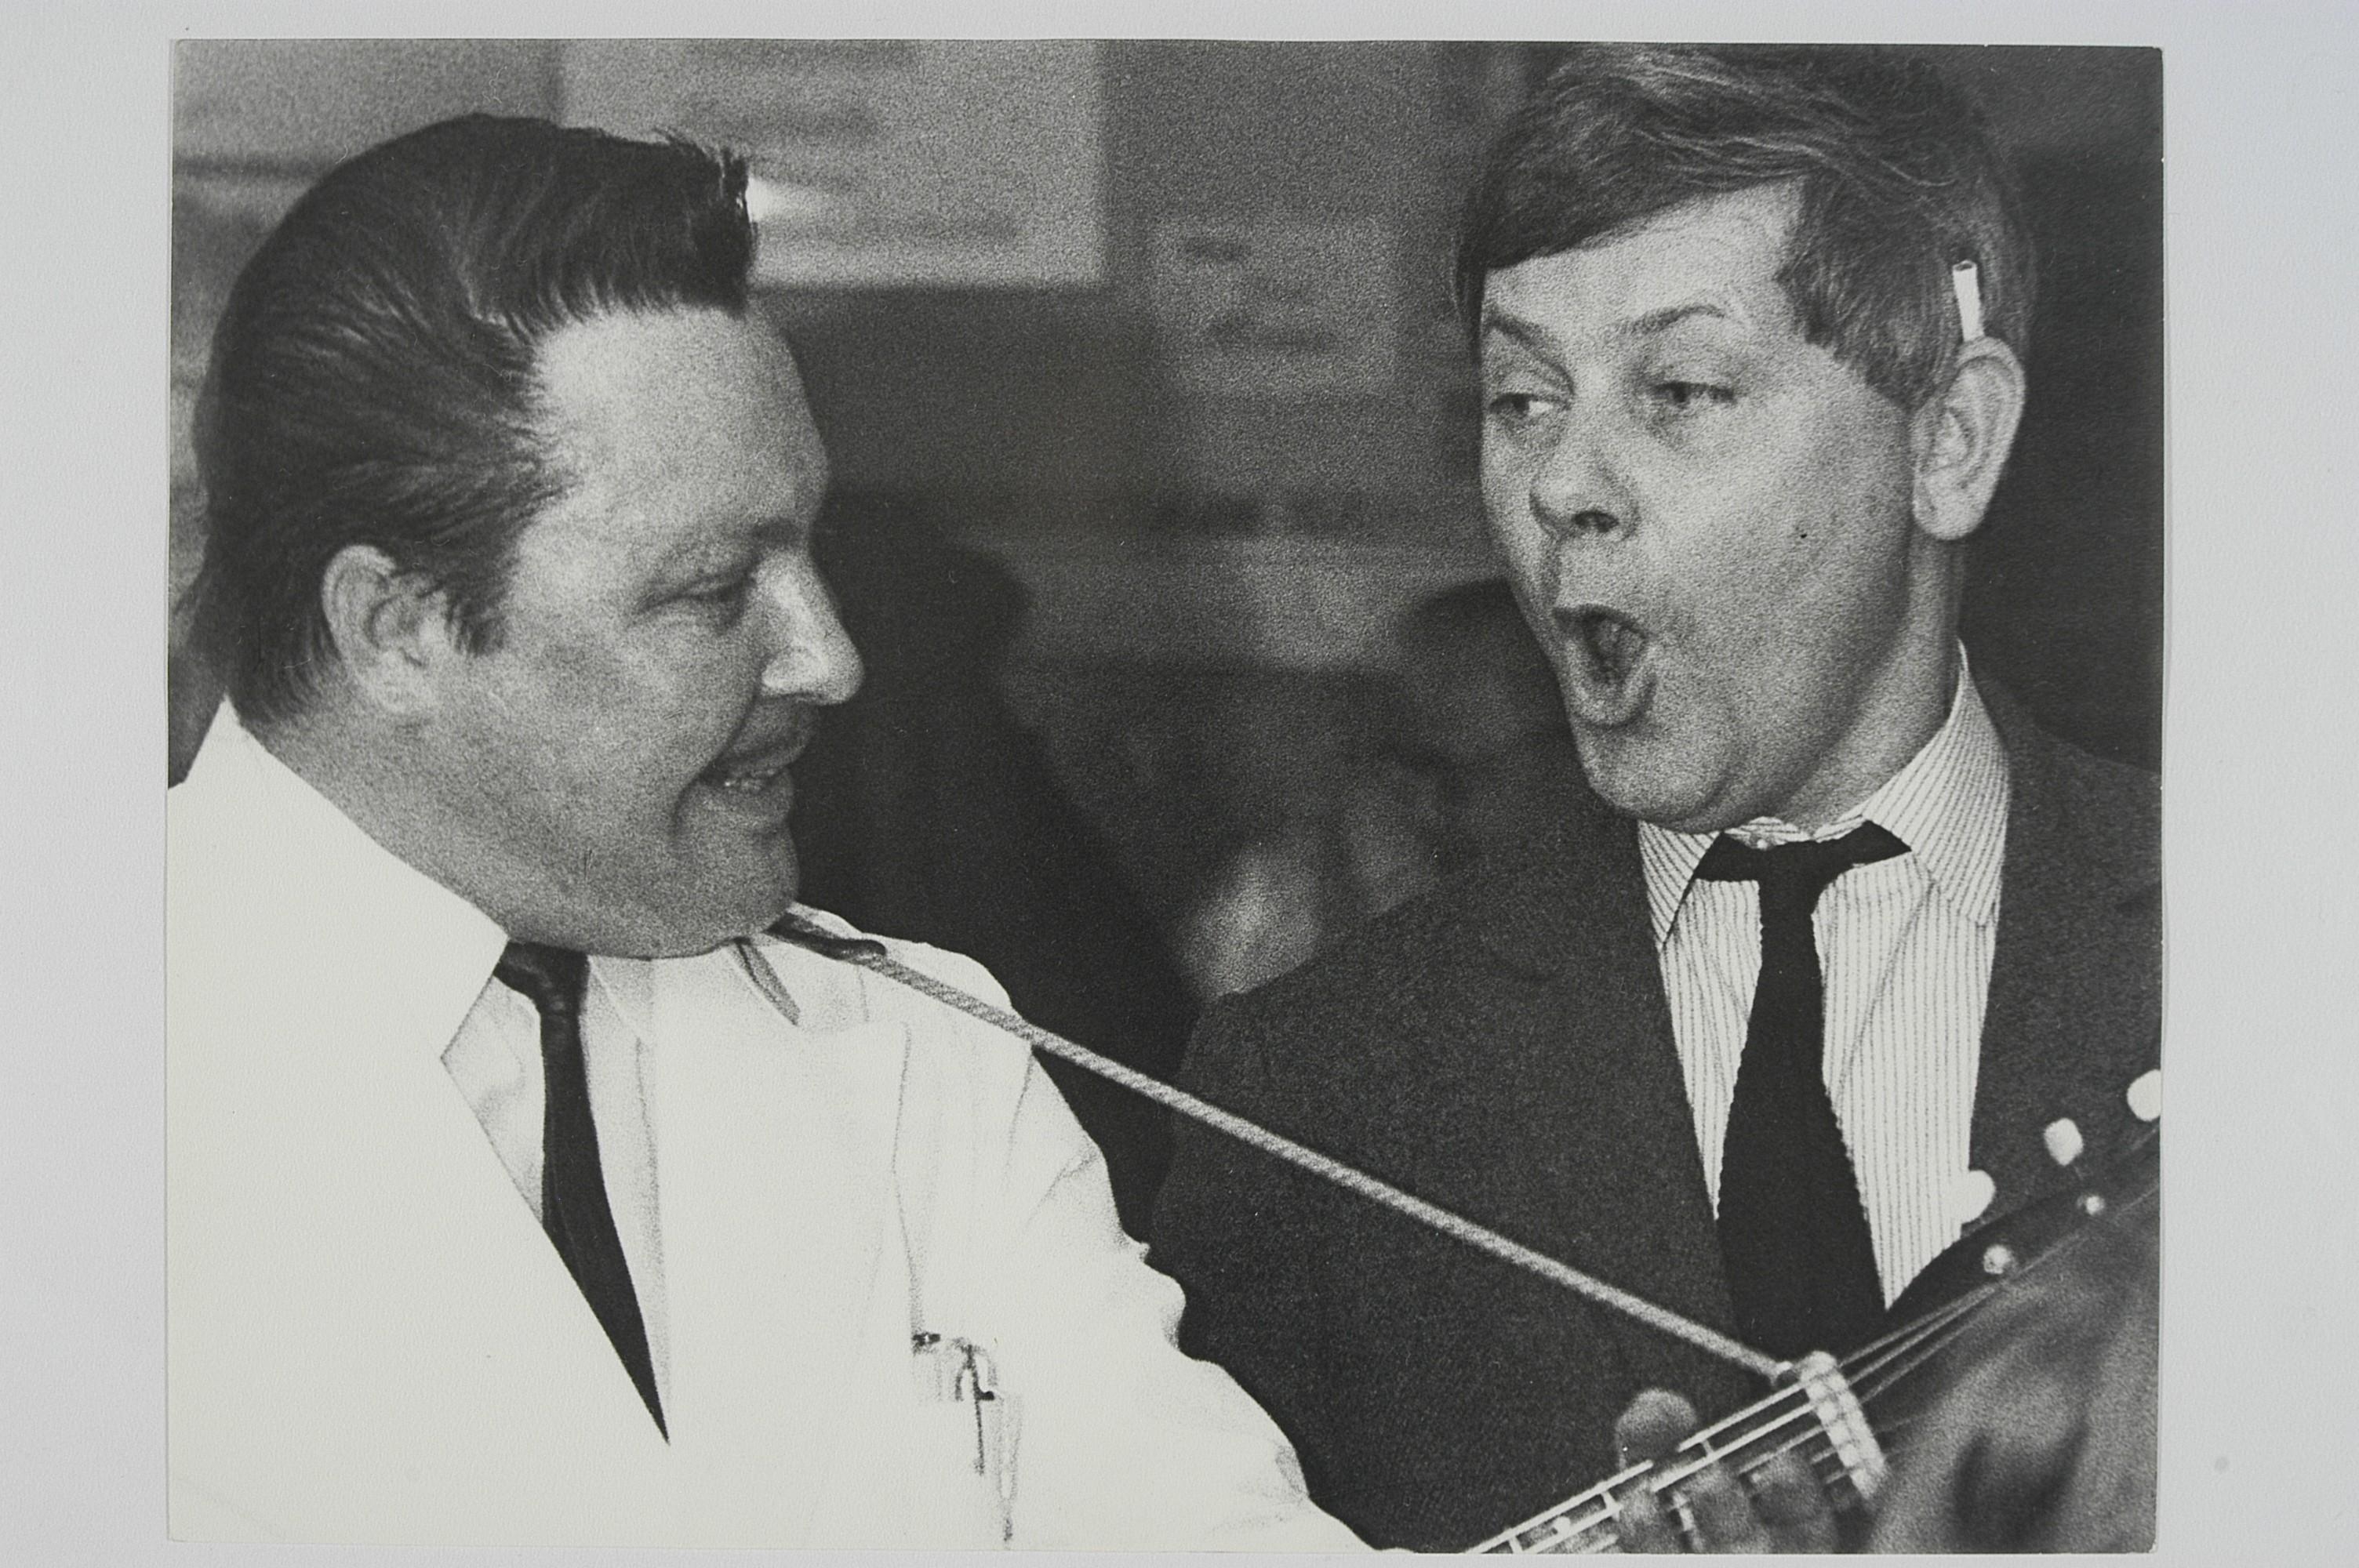 Herbert (z prawej) w Niemczech, w roku 1967 (fot. Hans Georg Puttnies, Archiwum Zbigniewa Herberta, Biblioteka Narodowa)